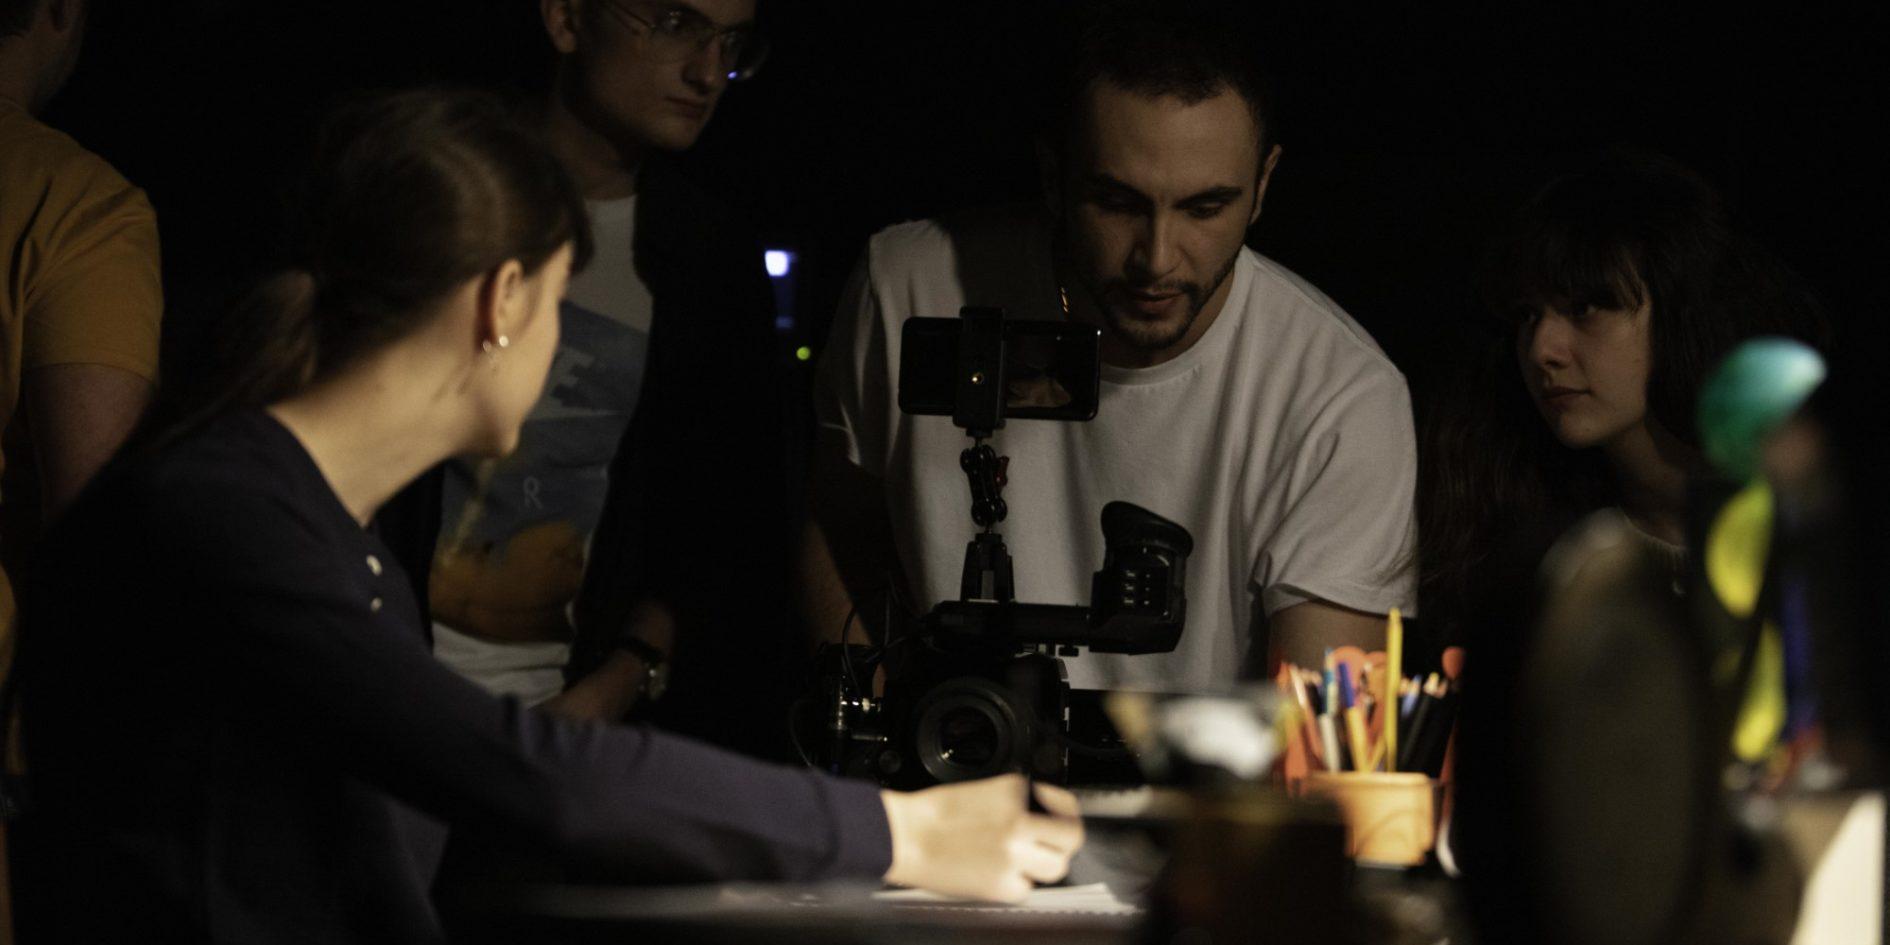 Quelques Minutes Apres Minuit Juan Antonio Bayona Cinecreatis 42